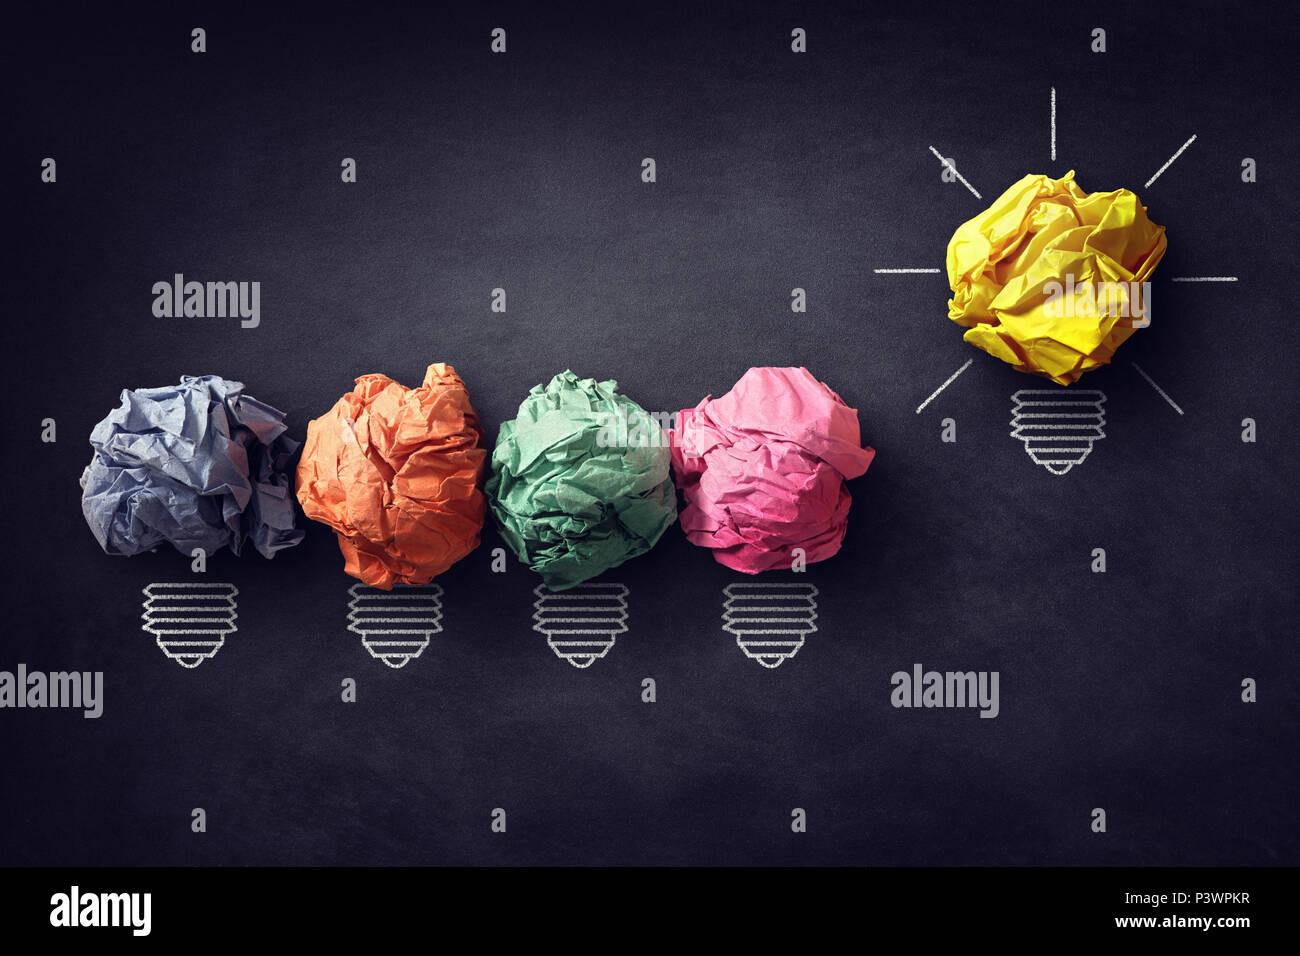 Buena idea concepto papel arrugado bola bombilla en pizarra Imagen De Stock